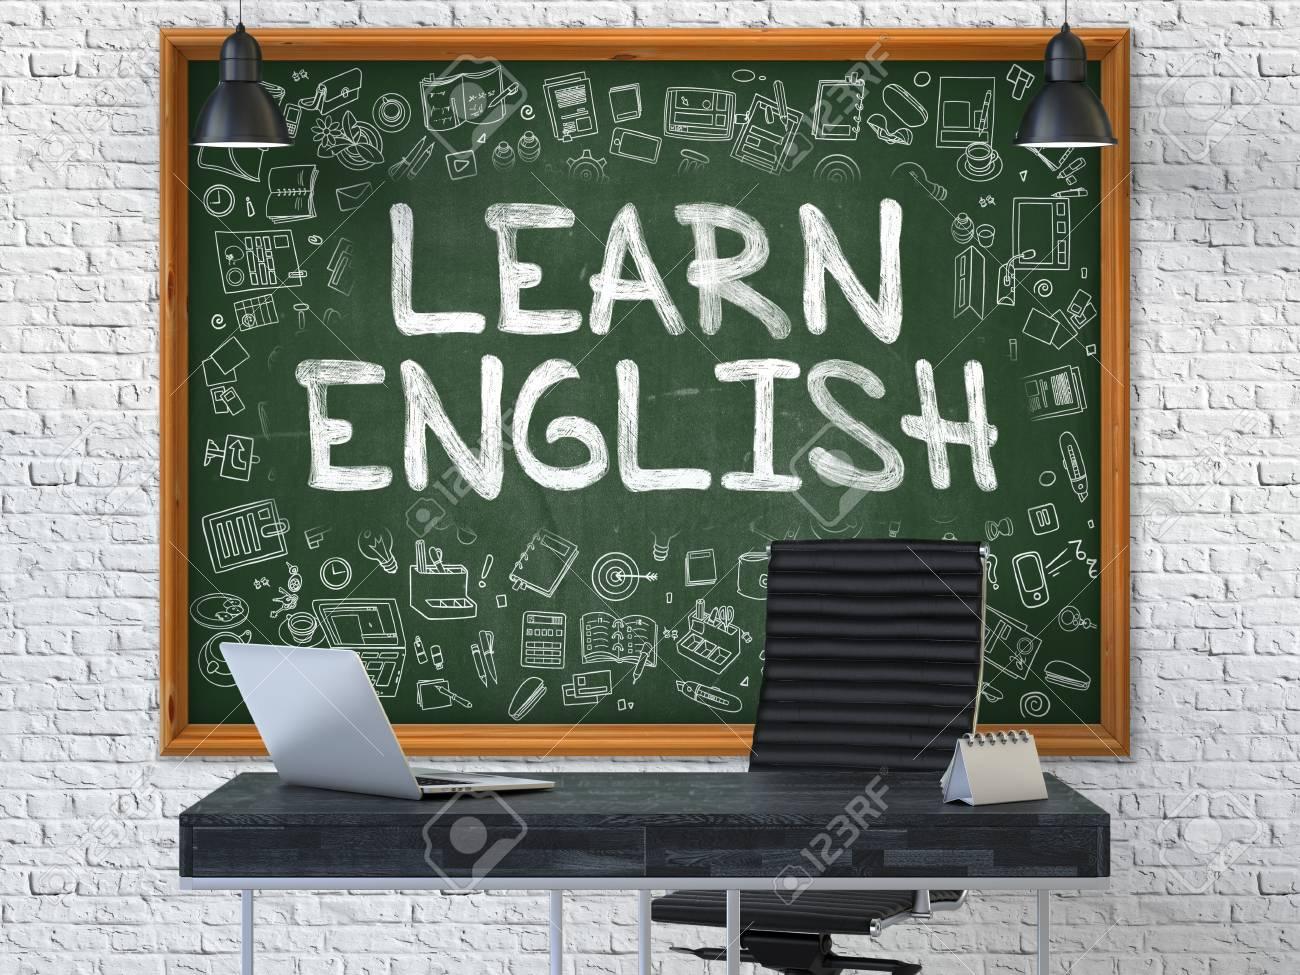 Ufficio Stile Inglese : Disegnato a mano impara l inglese sulla lavagna verde interiore